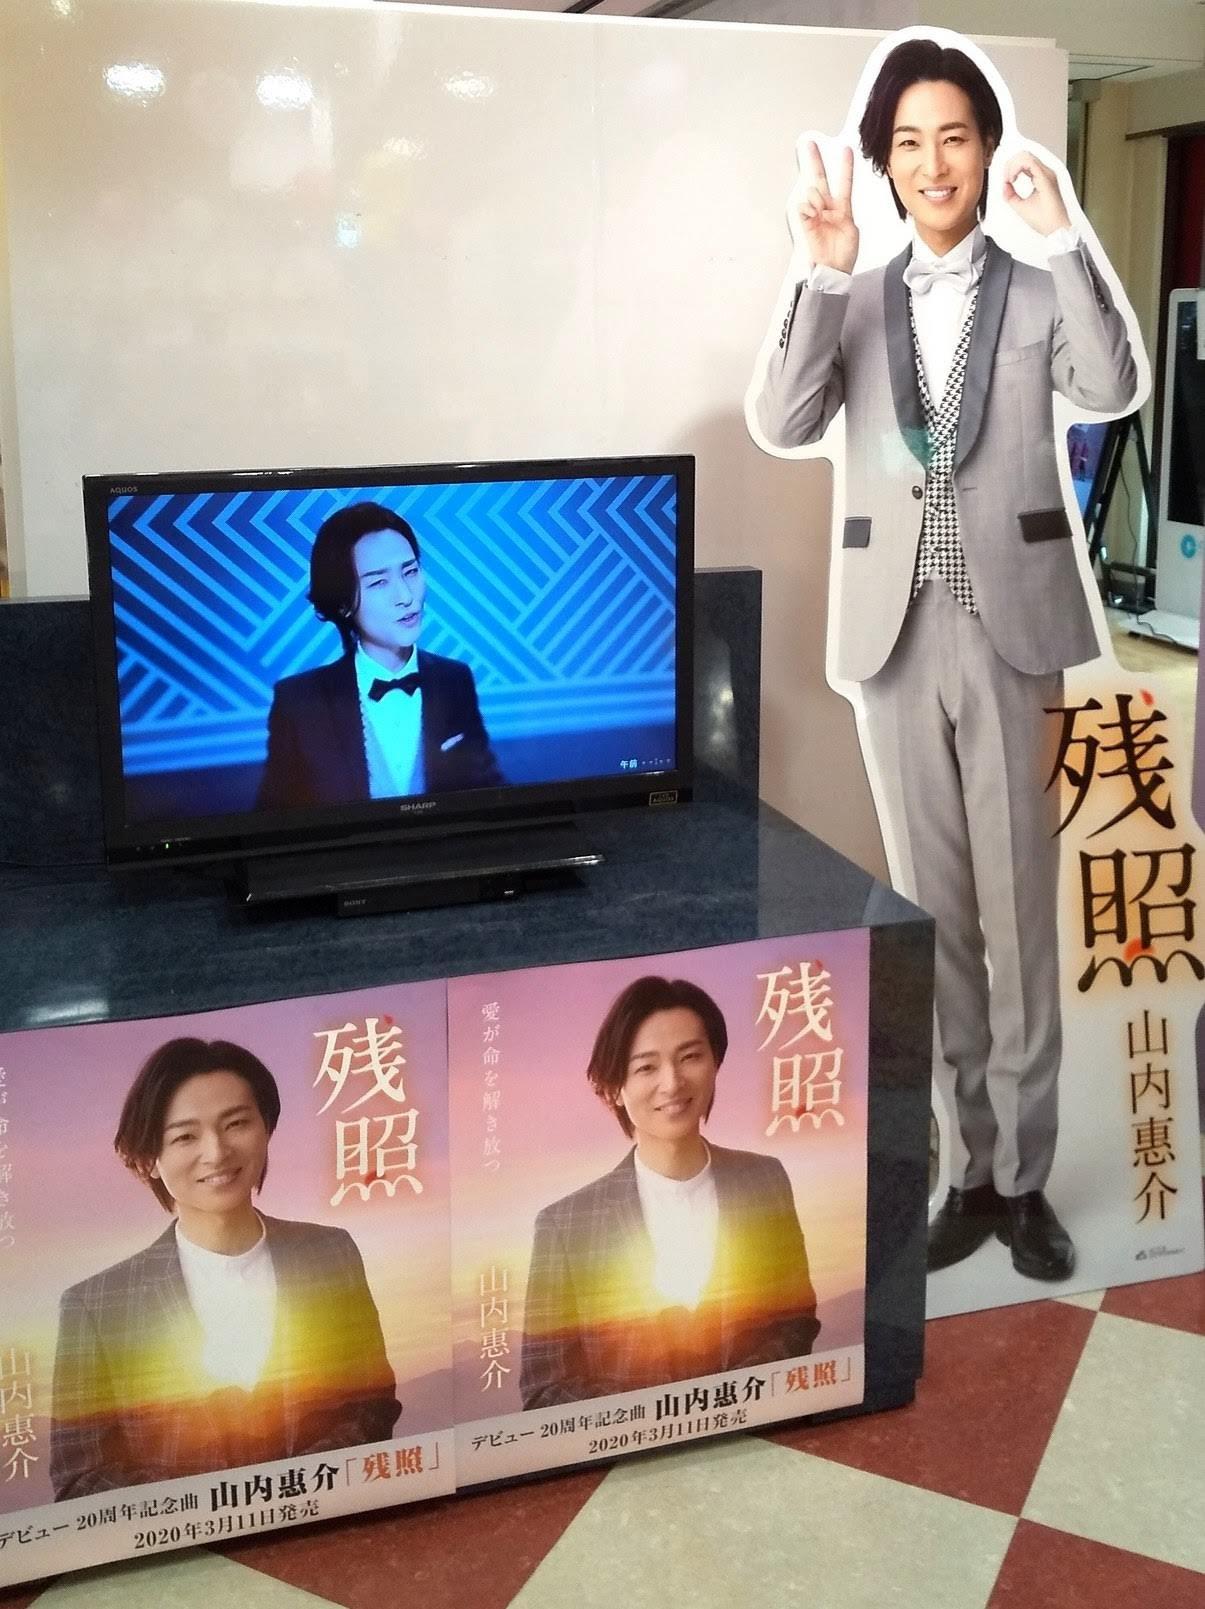 山内惠介スケジュール2020